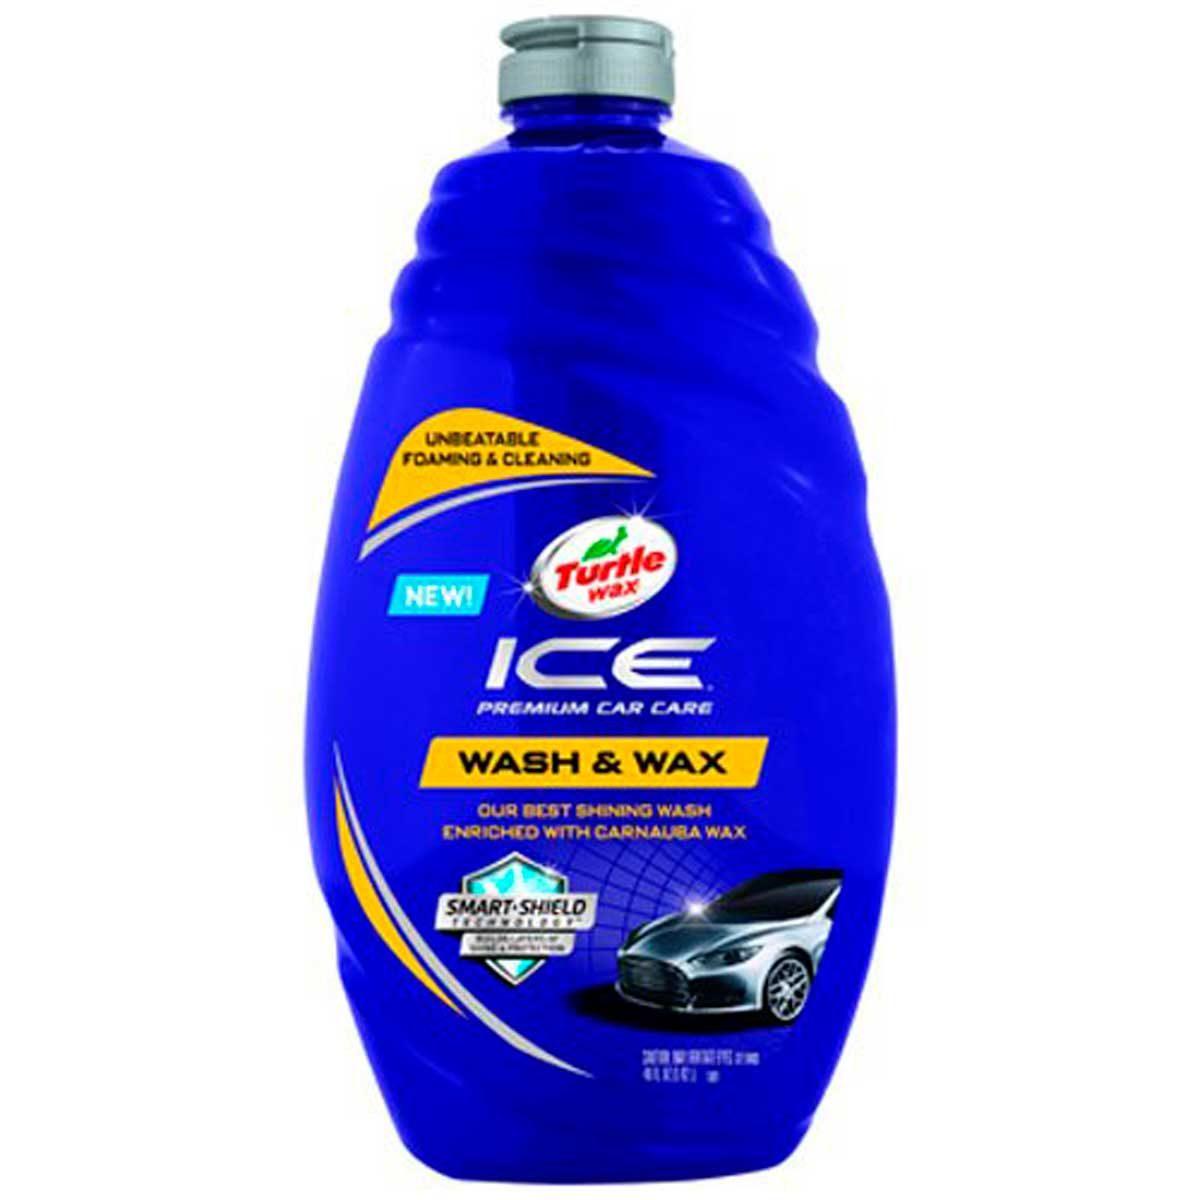 turtle wax car wash